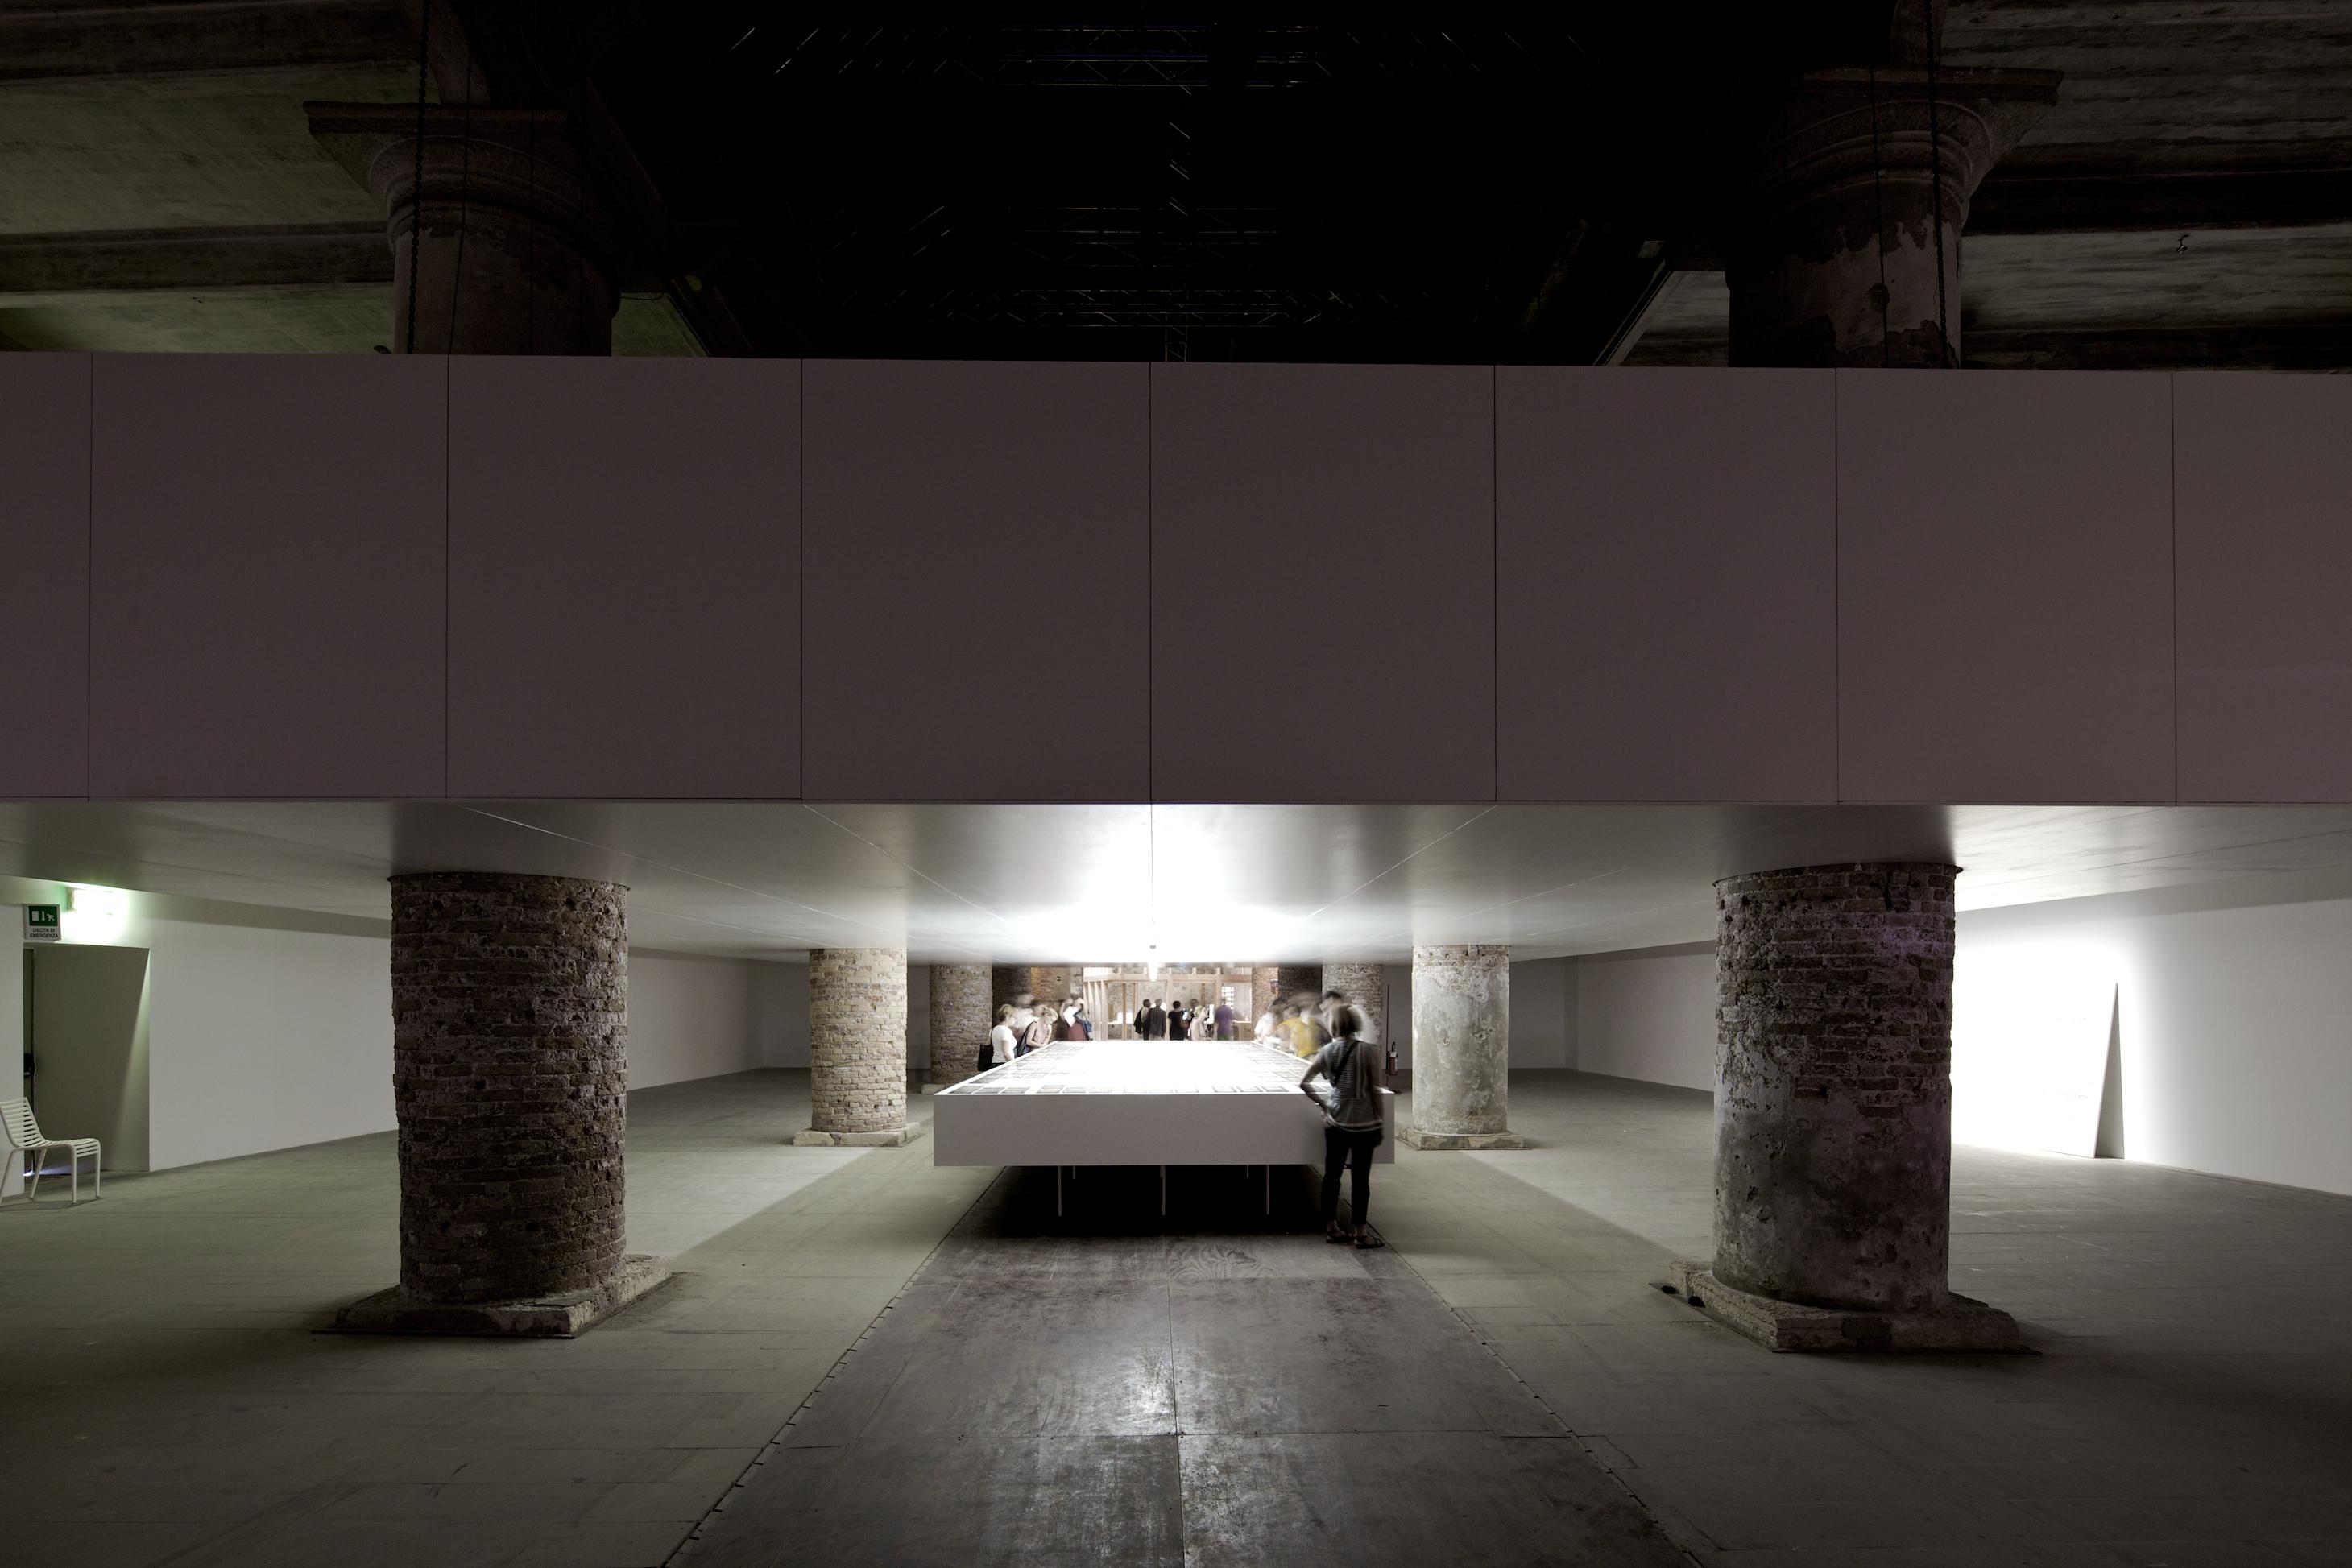 """Bienal de Veneza 2012: """" Imagens gráficas - Mostra de Arquitetos Contemporâneos"""" / Valerio Olgiati, © Nico Saieh"""